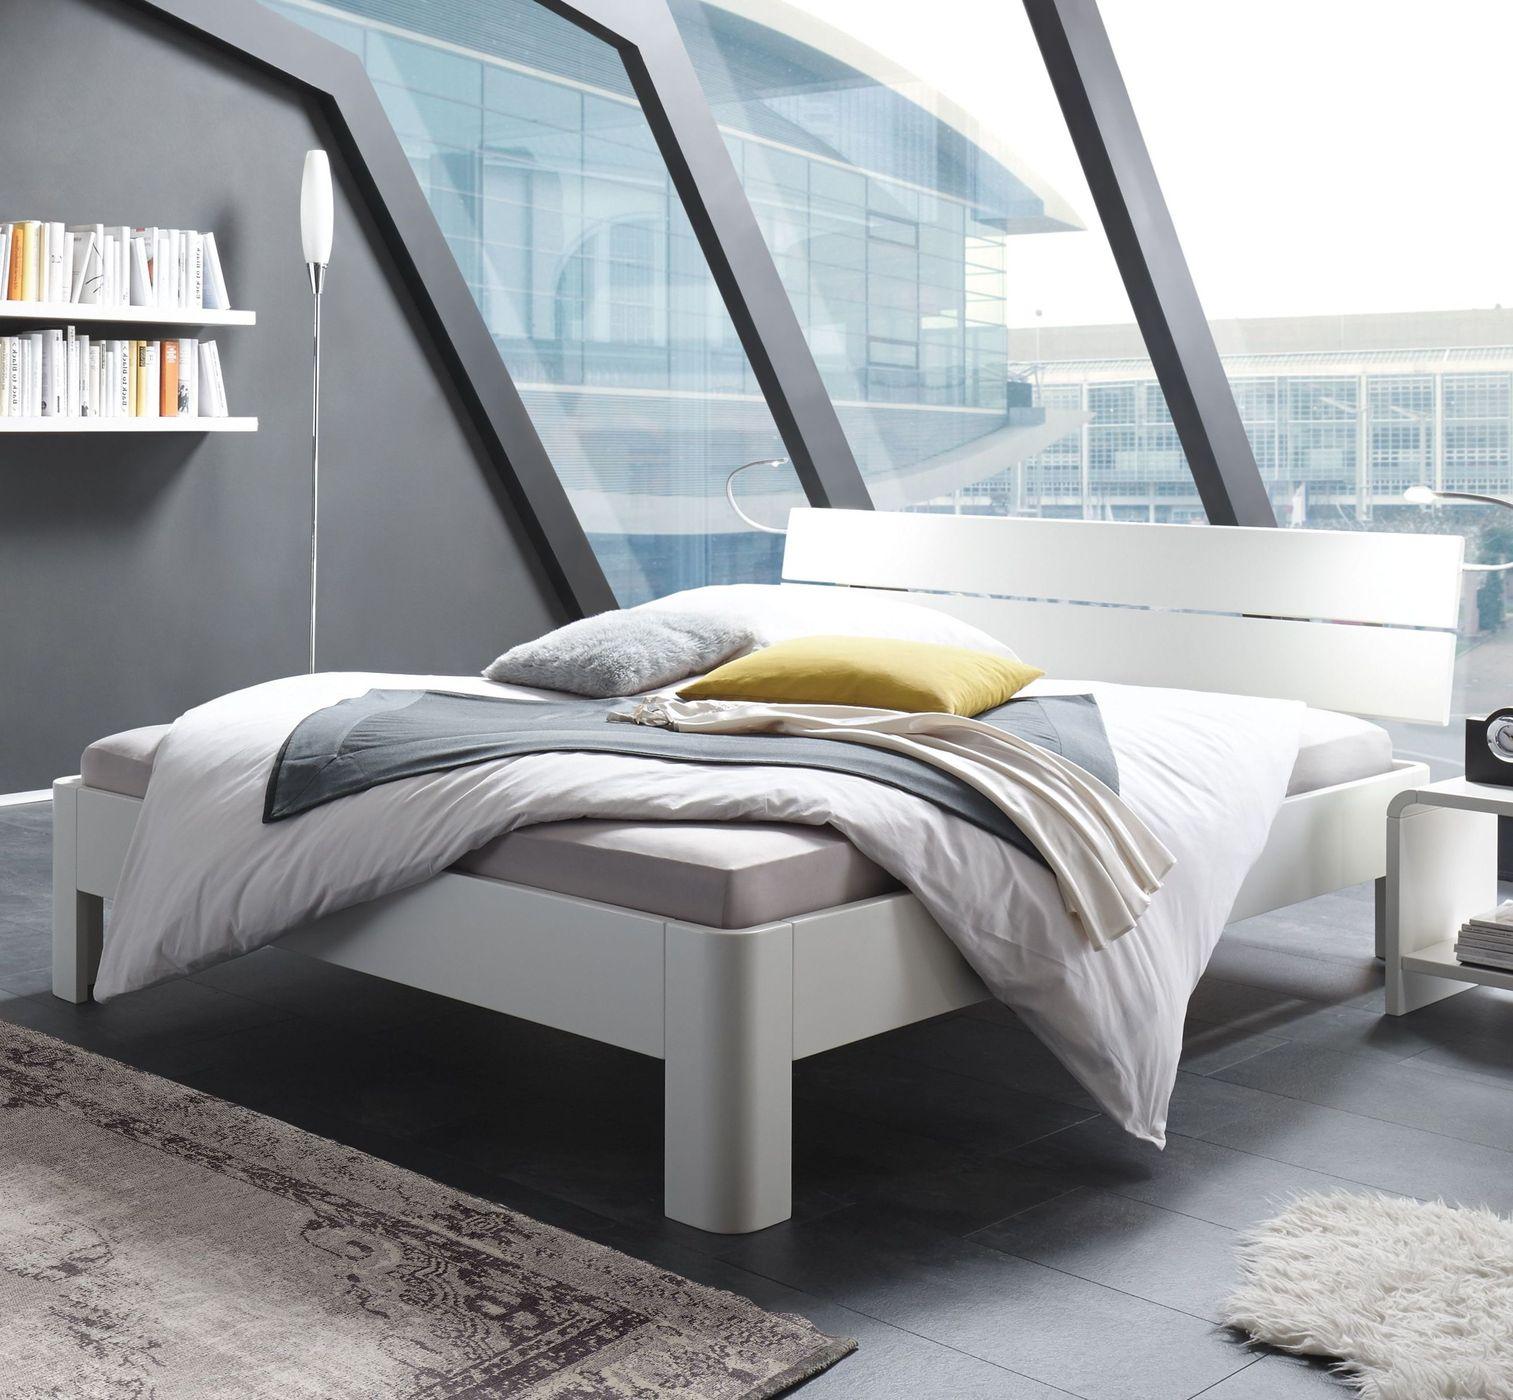 bett aus wei lackierter buche mit leistenkopfteil gamba. Black Bedroom Furniture Sets. Home Design Ideas